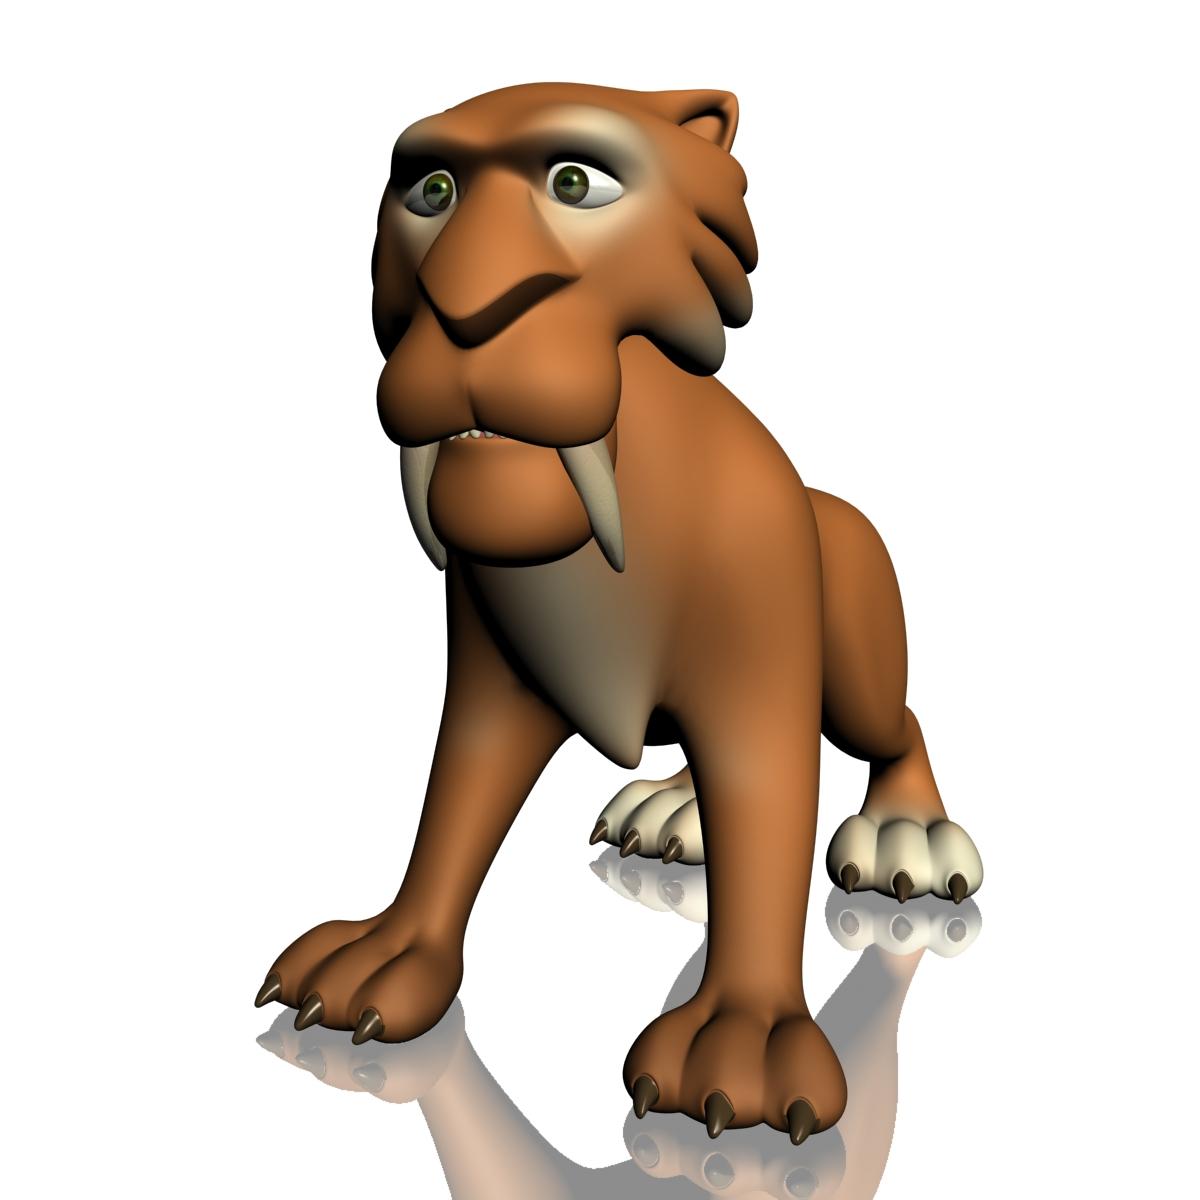 cartoon sabertooth tigër manipuluar 3d model 3ds max fbx obj 214100